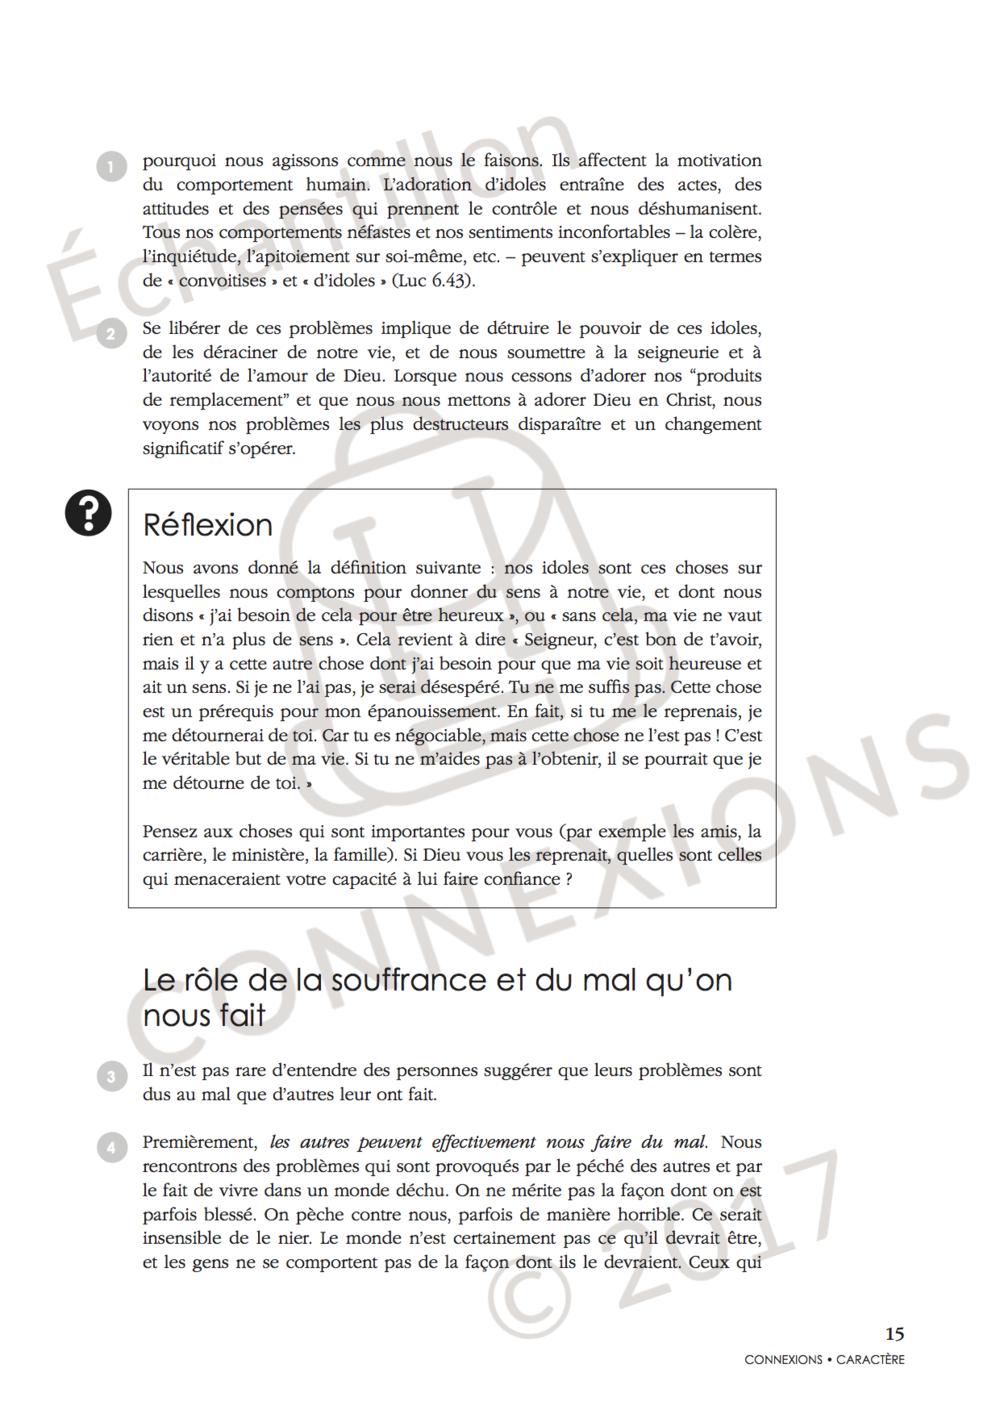 L'Évangile au cœur de la transformation_sample_published.4.png